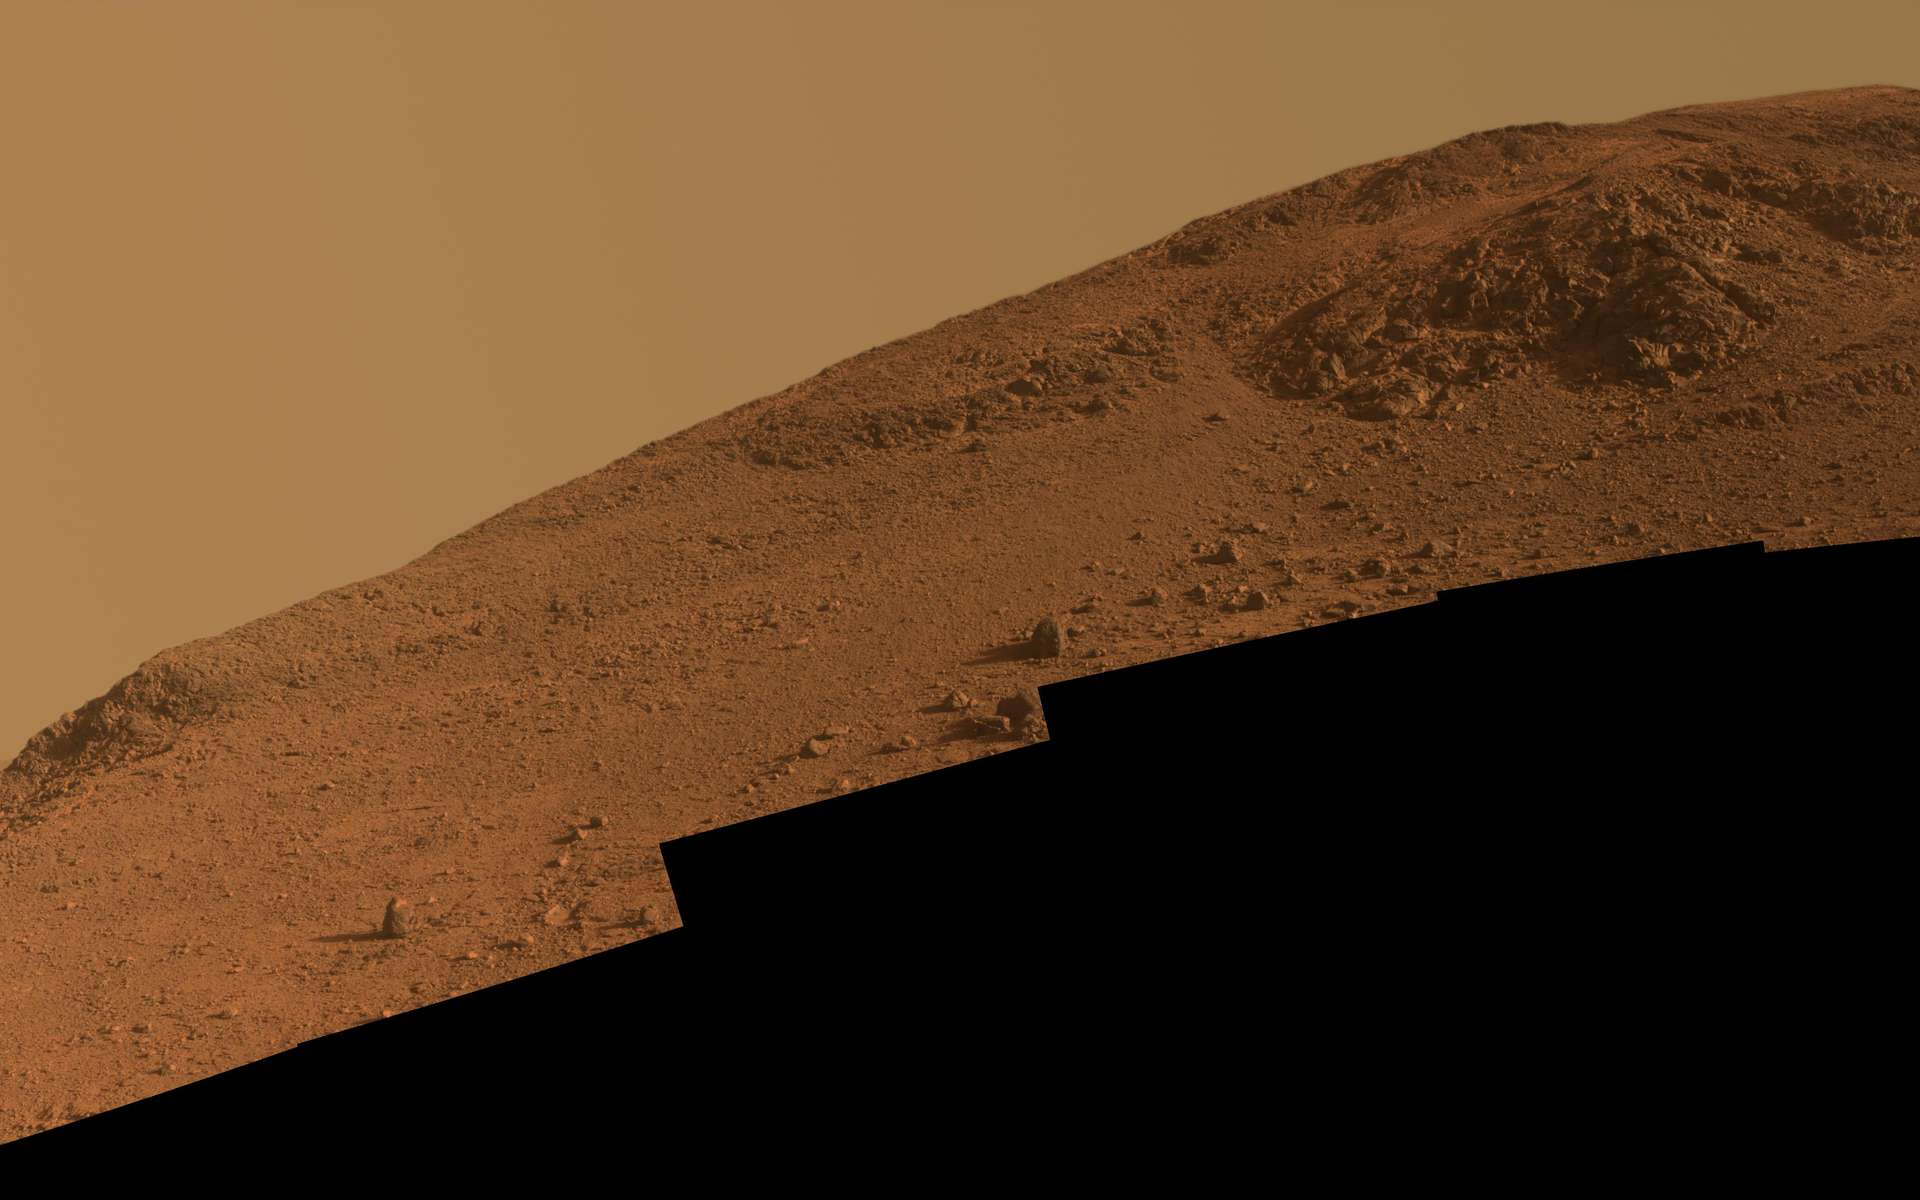 Vue de la pente sud de la vallée de Marathon photographiée fin octobre 2015, avant que le rover ne s'y engage pour aller étudier l'affleurement au sommet. © Nasa, JPL-Caltech, Cornell University, Arizona State University